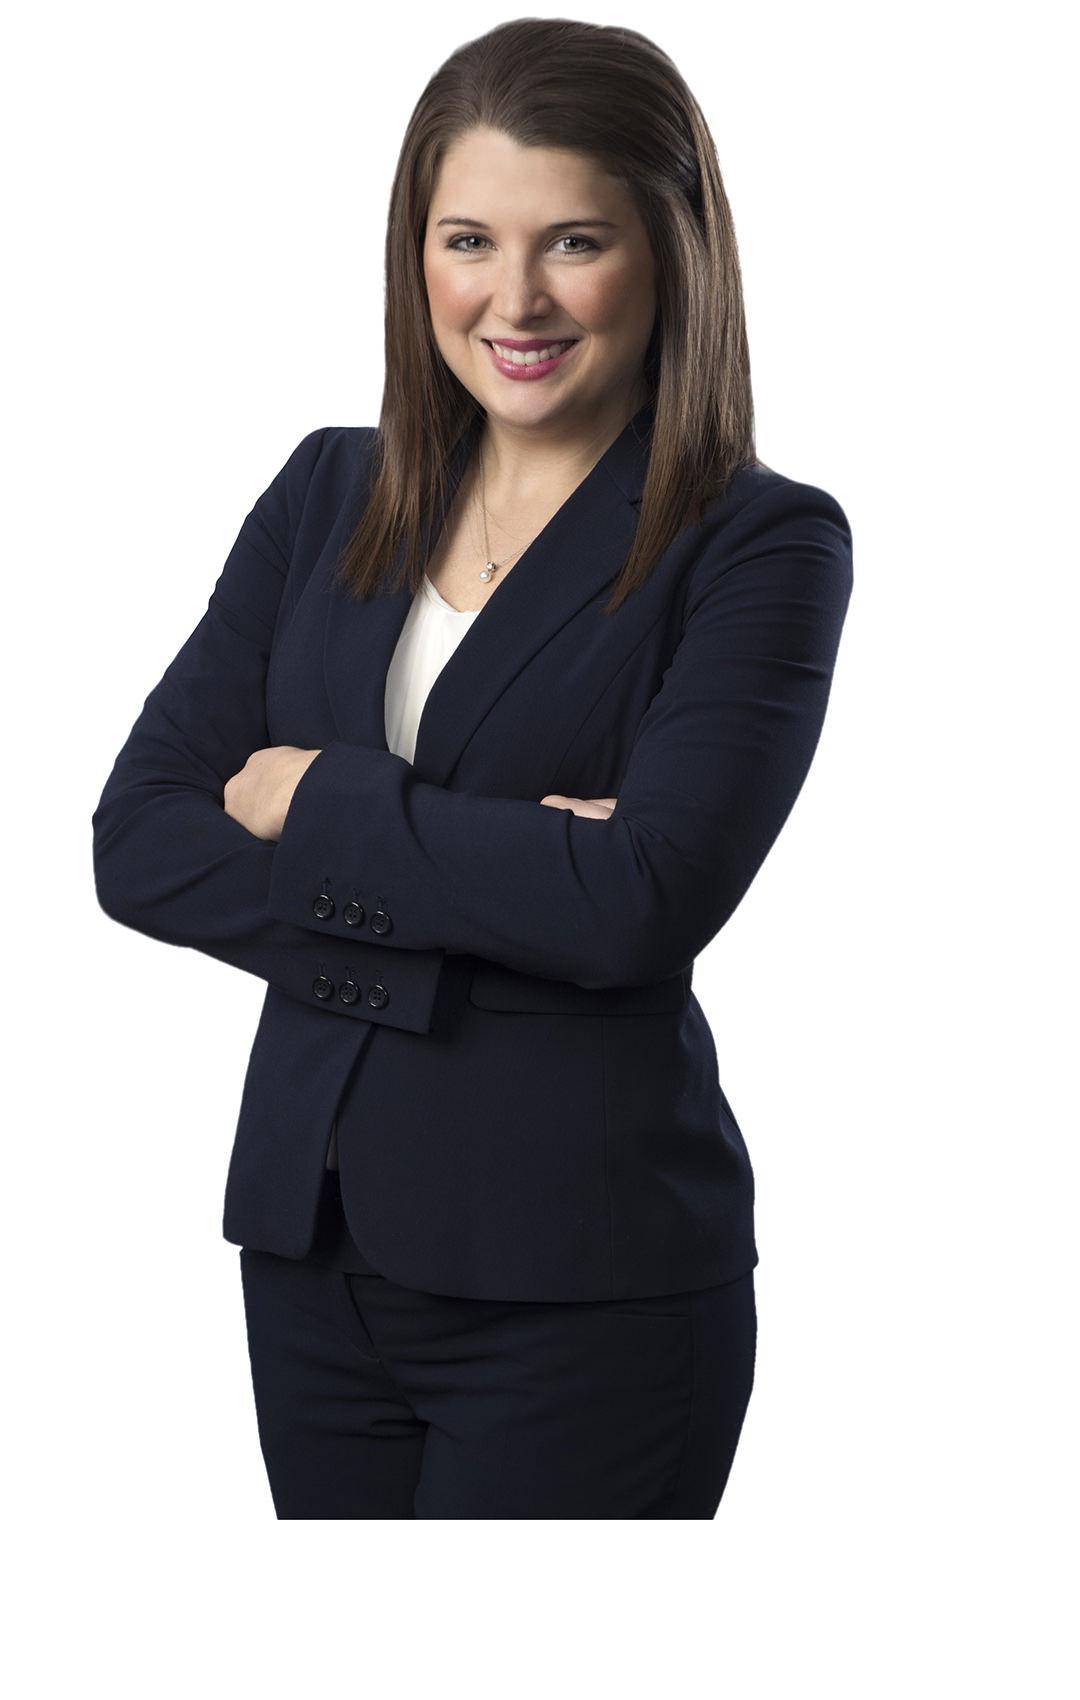 Ashley Barebo